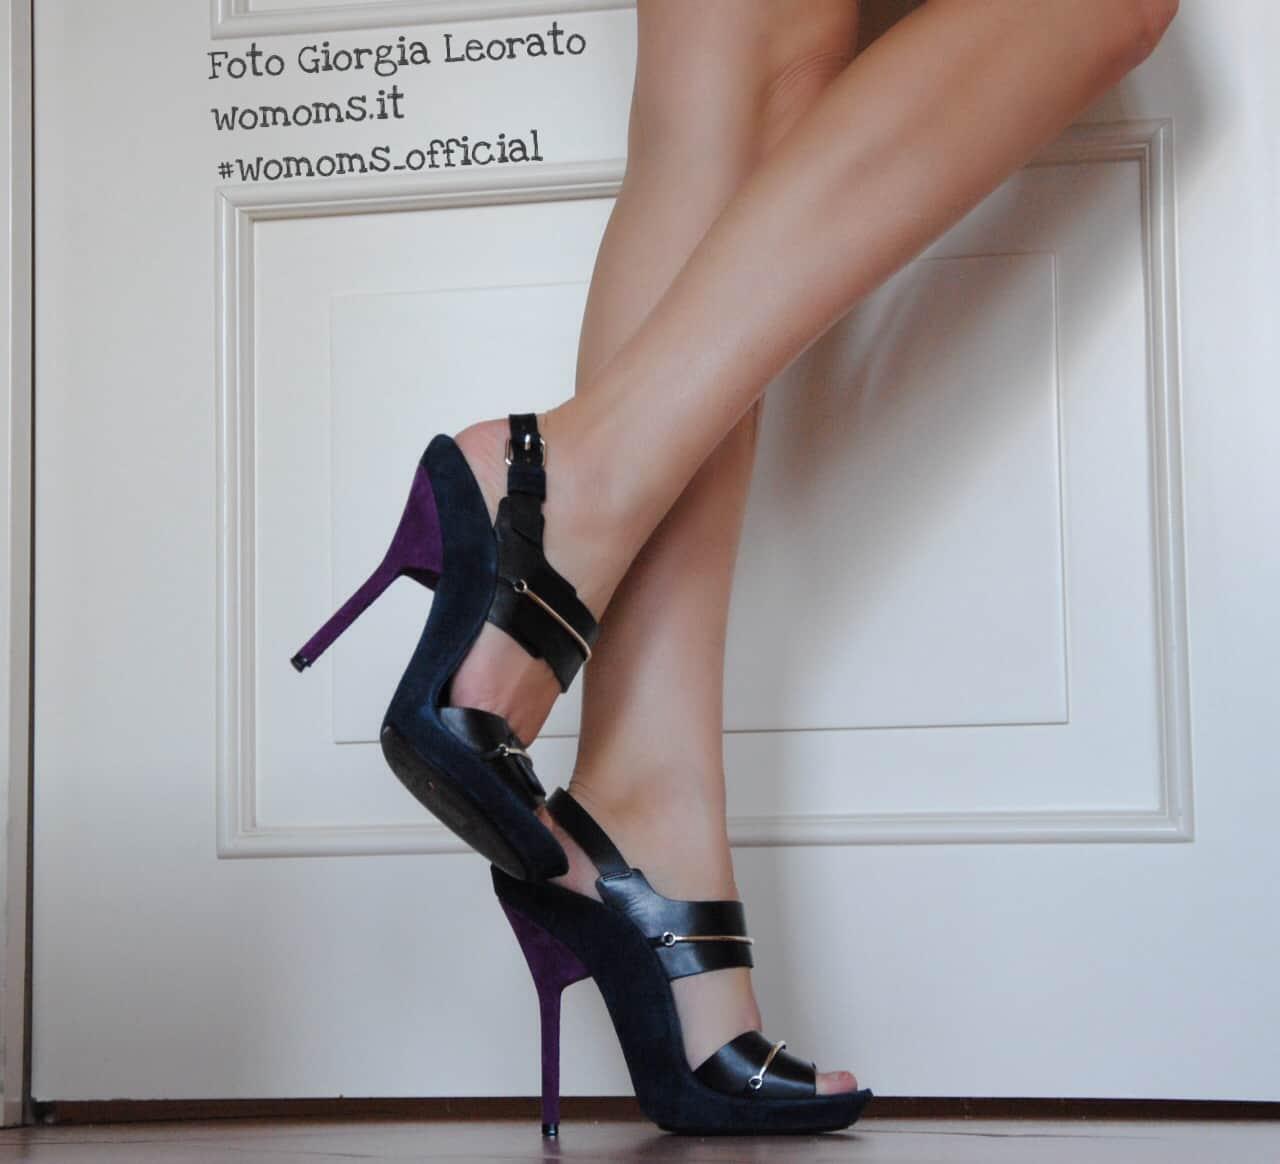 Donne e scarpe womoms for Sinonimo di personalita